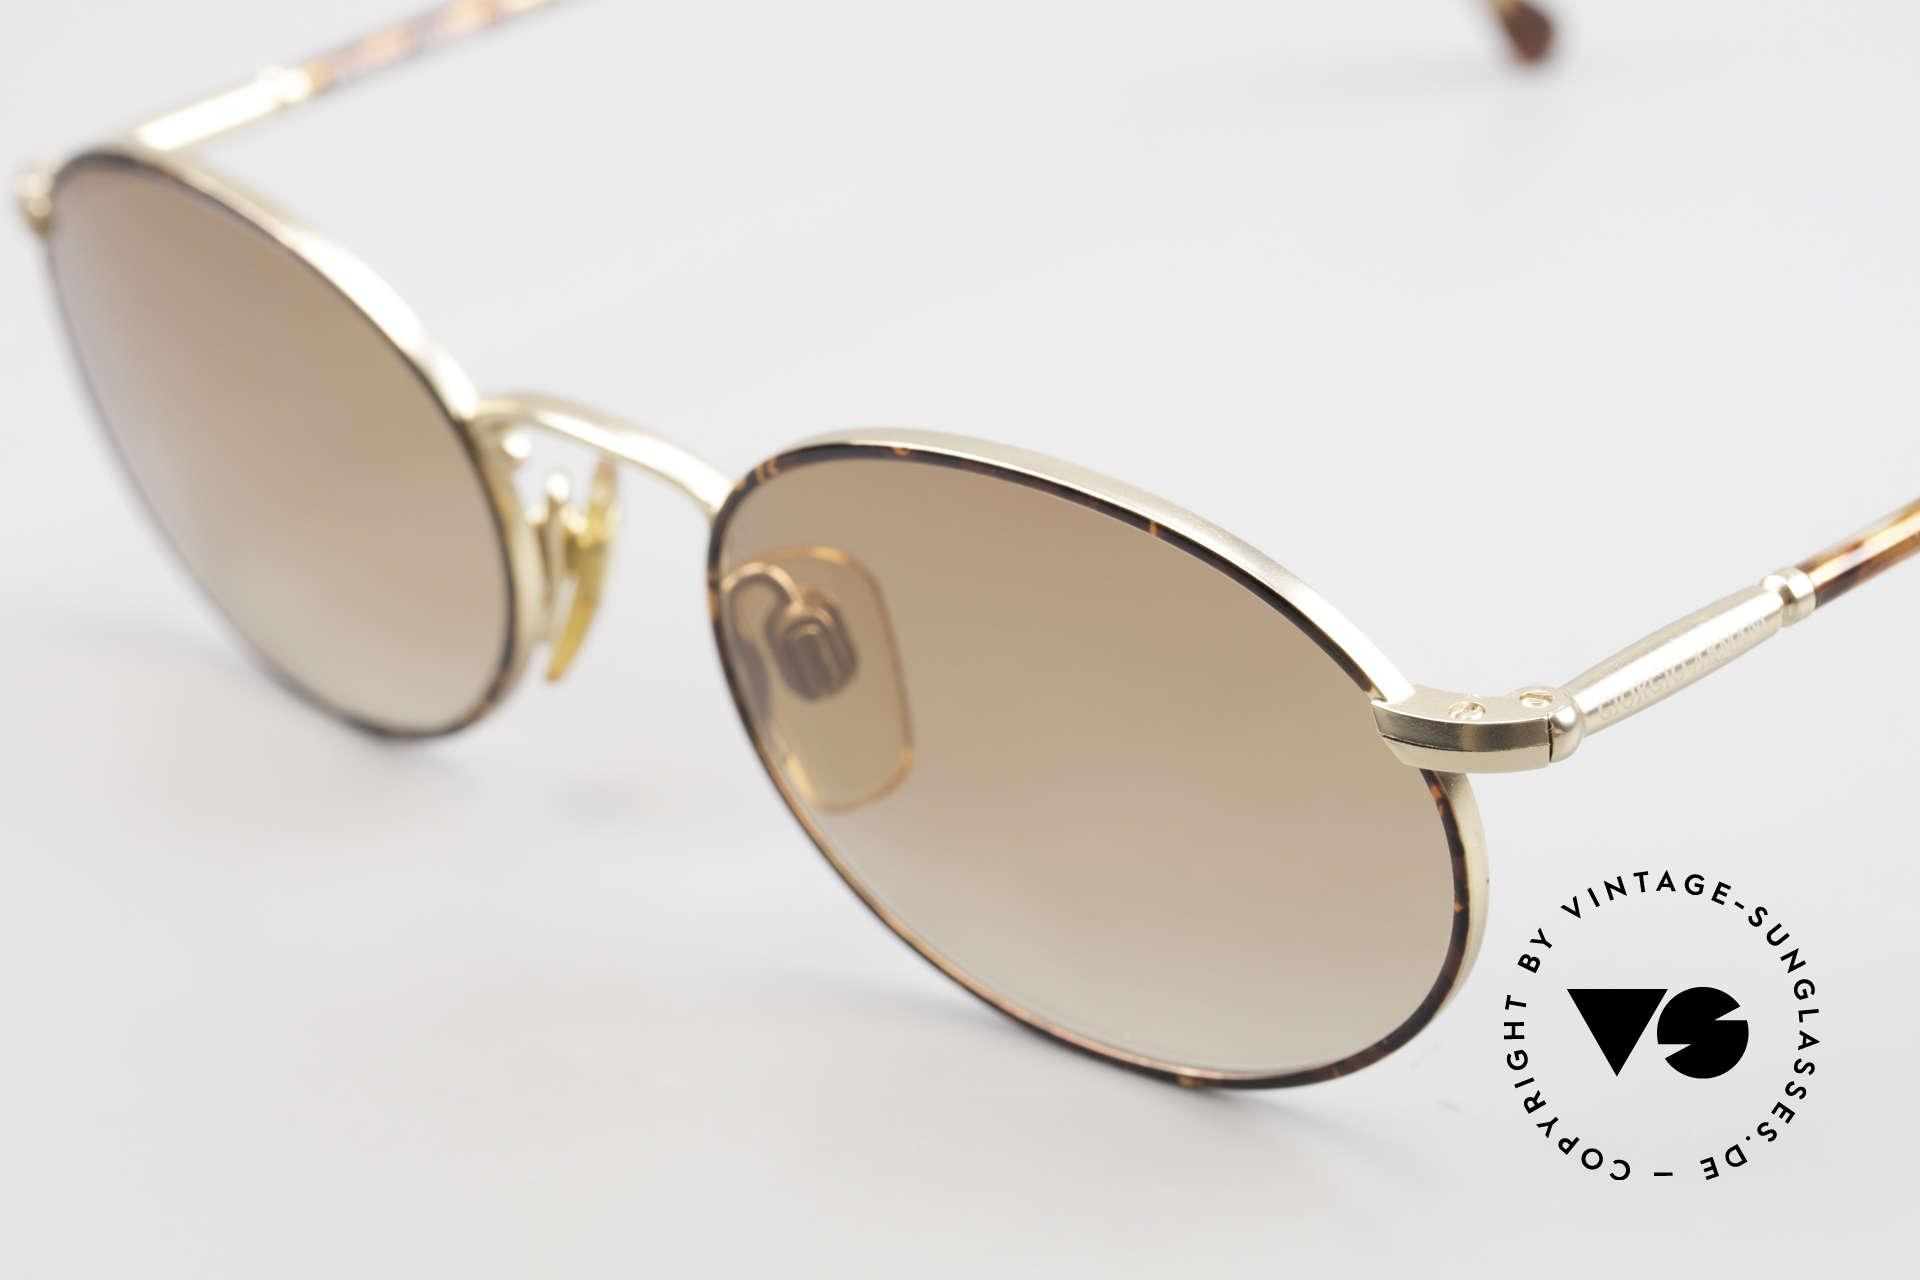 Giorgio Armani 192 80's Sunglasses Oval Vintage, NO RETRO GLASSES; a unique original by G. ARMANI, Made for Men and Women